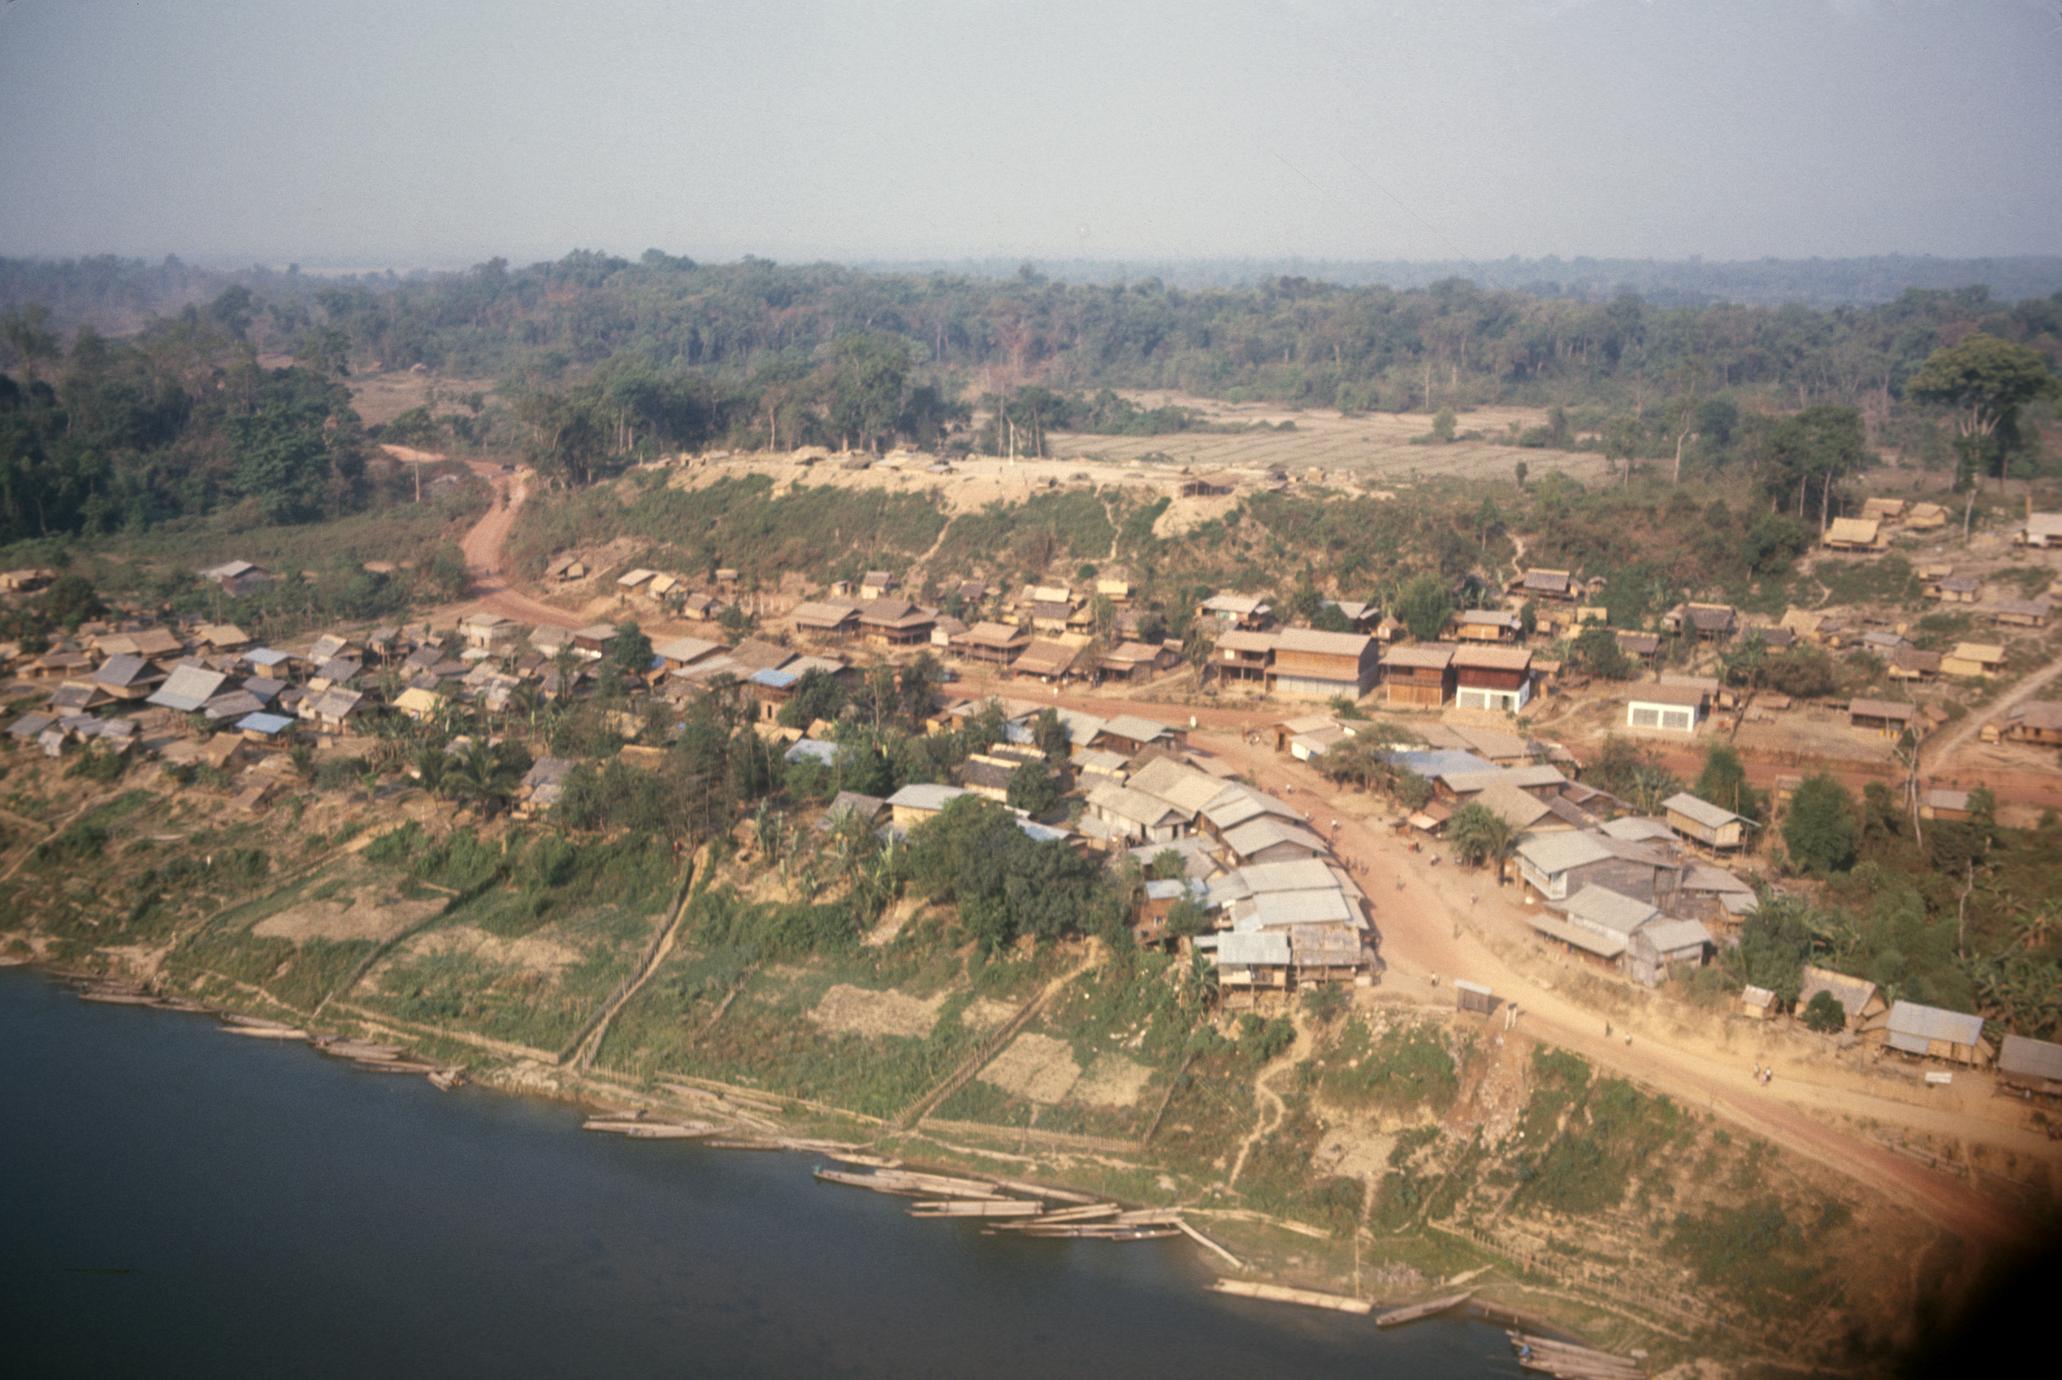 Aerial view of Ban Thalat